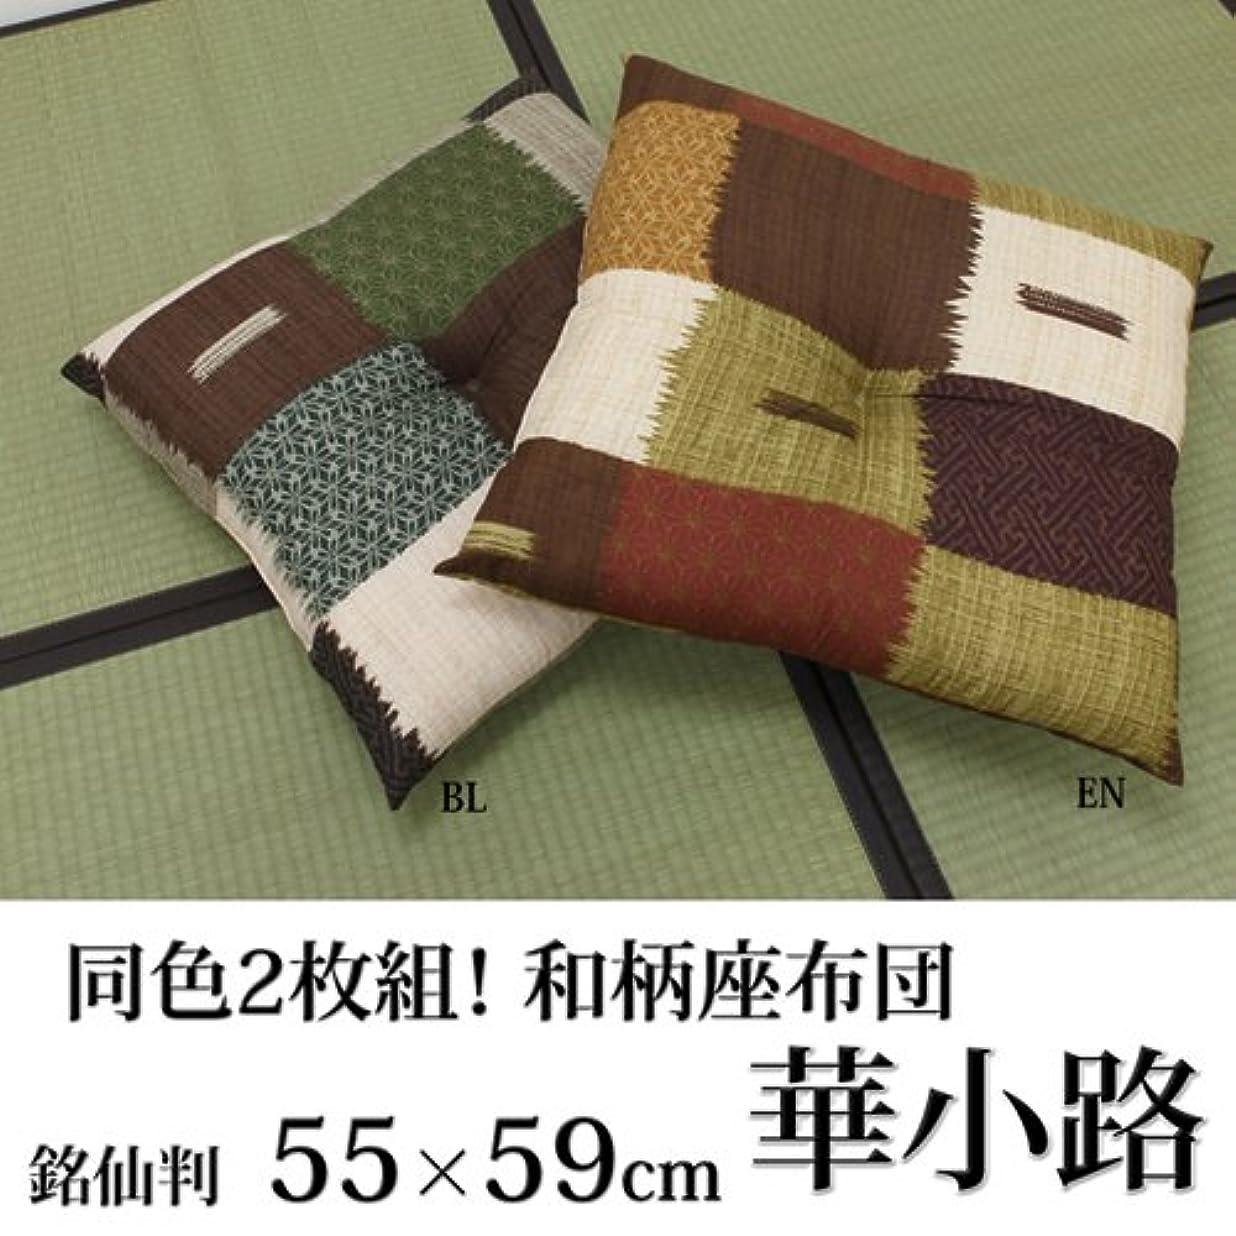 タック有益な黄ばむイケヒコ 座布団 銘仙判 日本製 『華小路』 ブルー 約55cn×59cm 2枚組 3565420